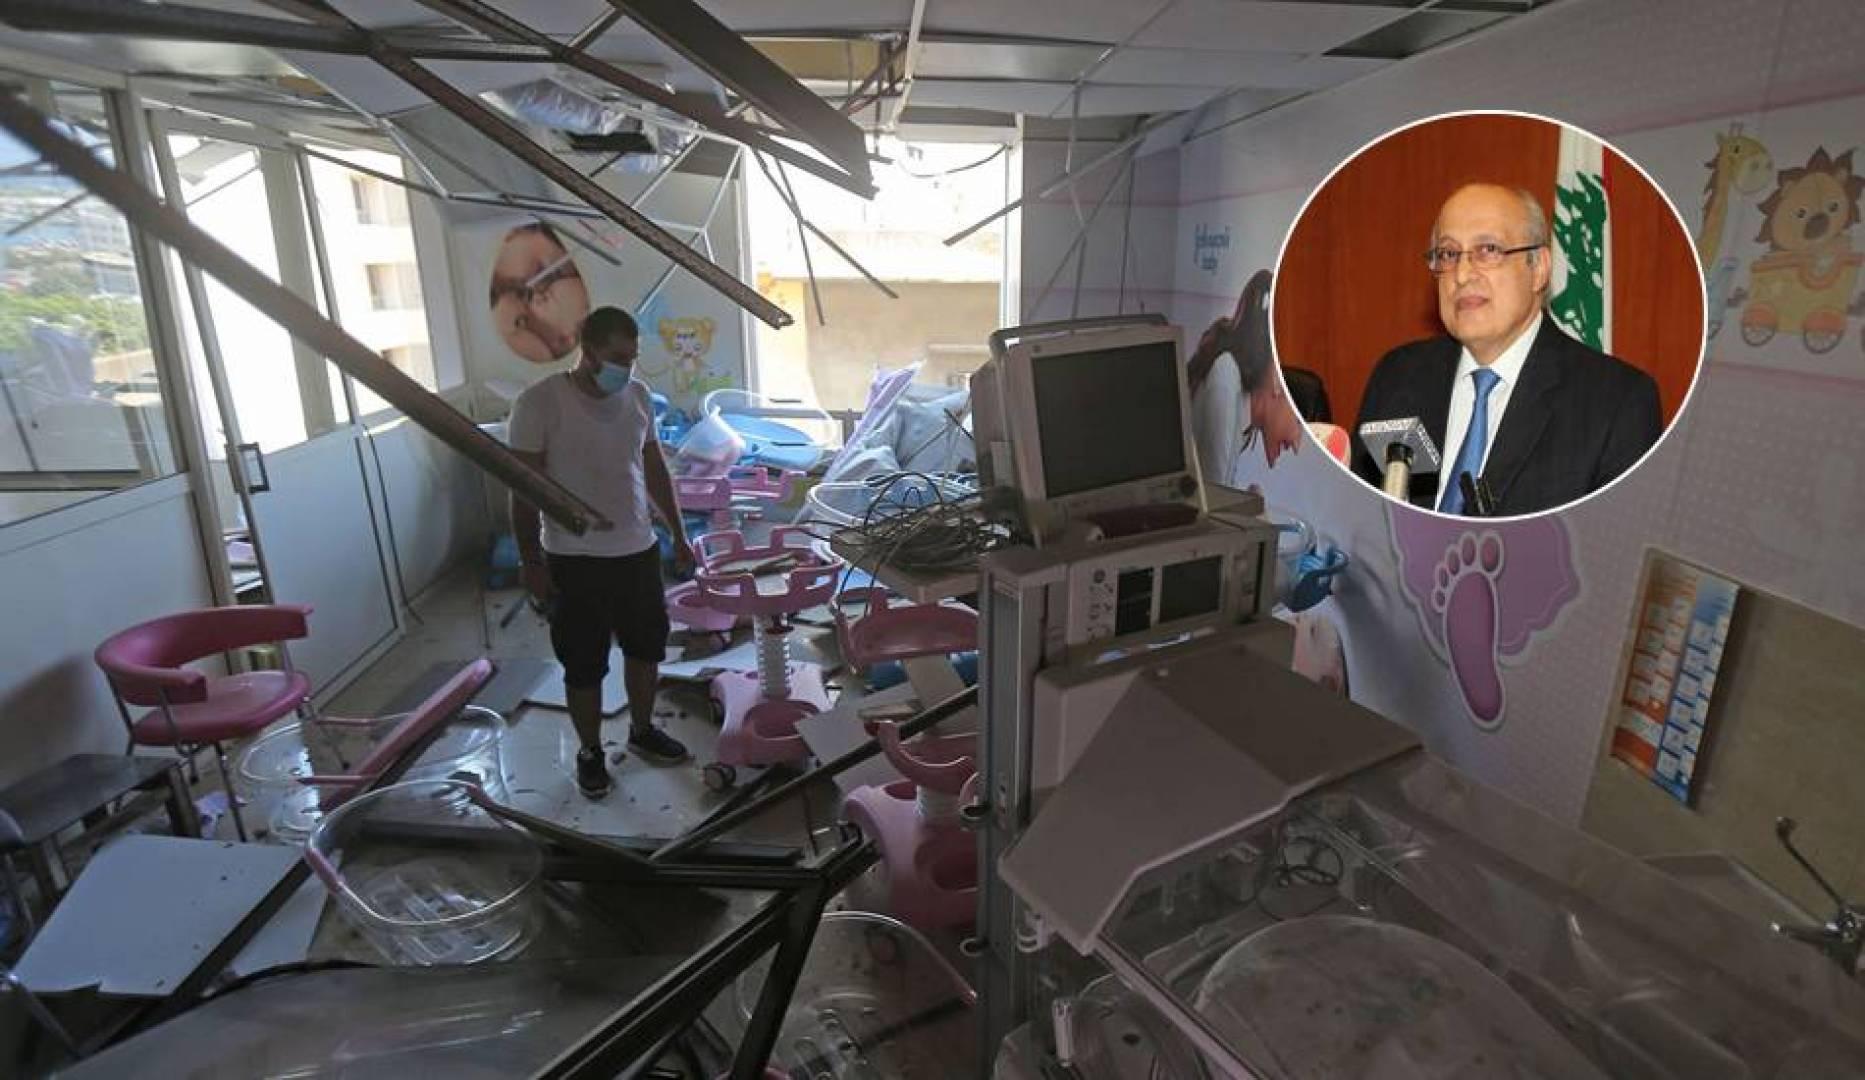 نقيب الأطباء اللبنانيين: مقبلون على كارثة صحيّة جرّاء الهجرة المتمادية للأطباء والممرضين